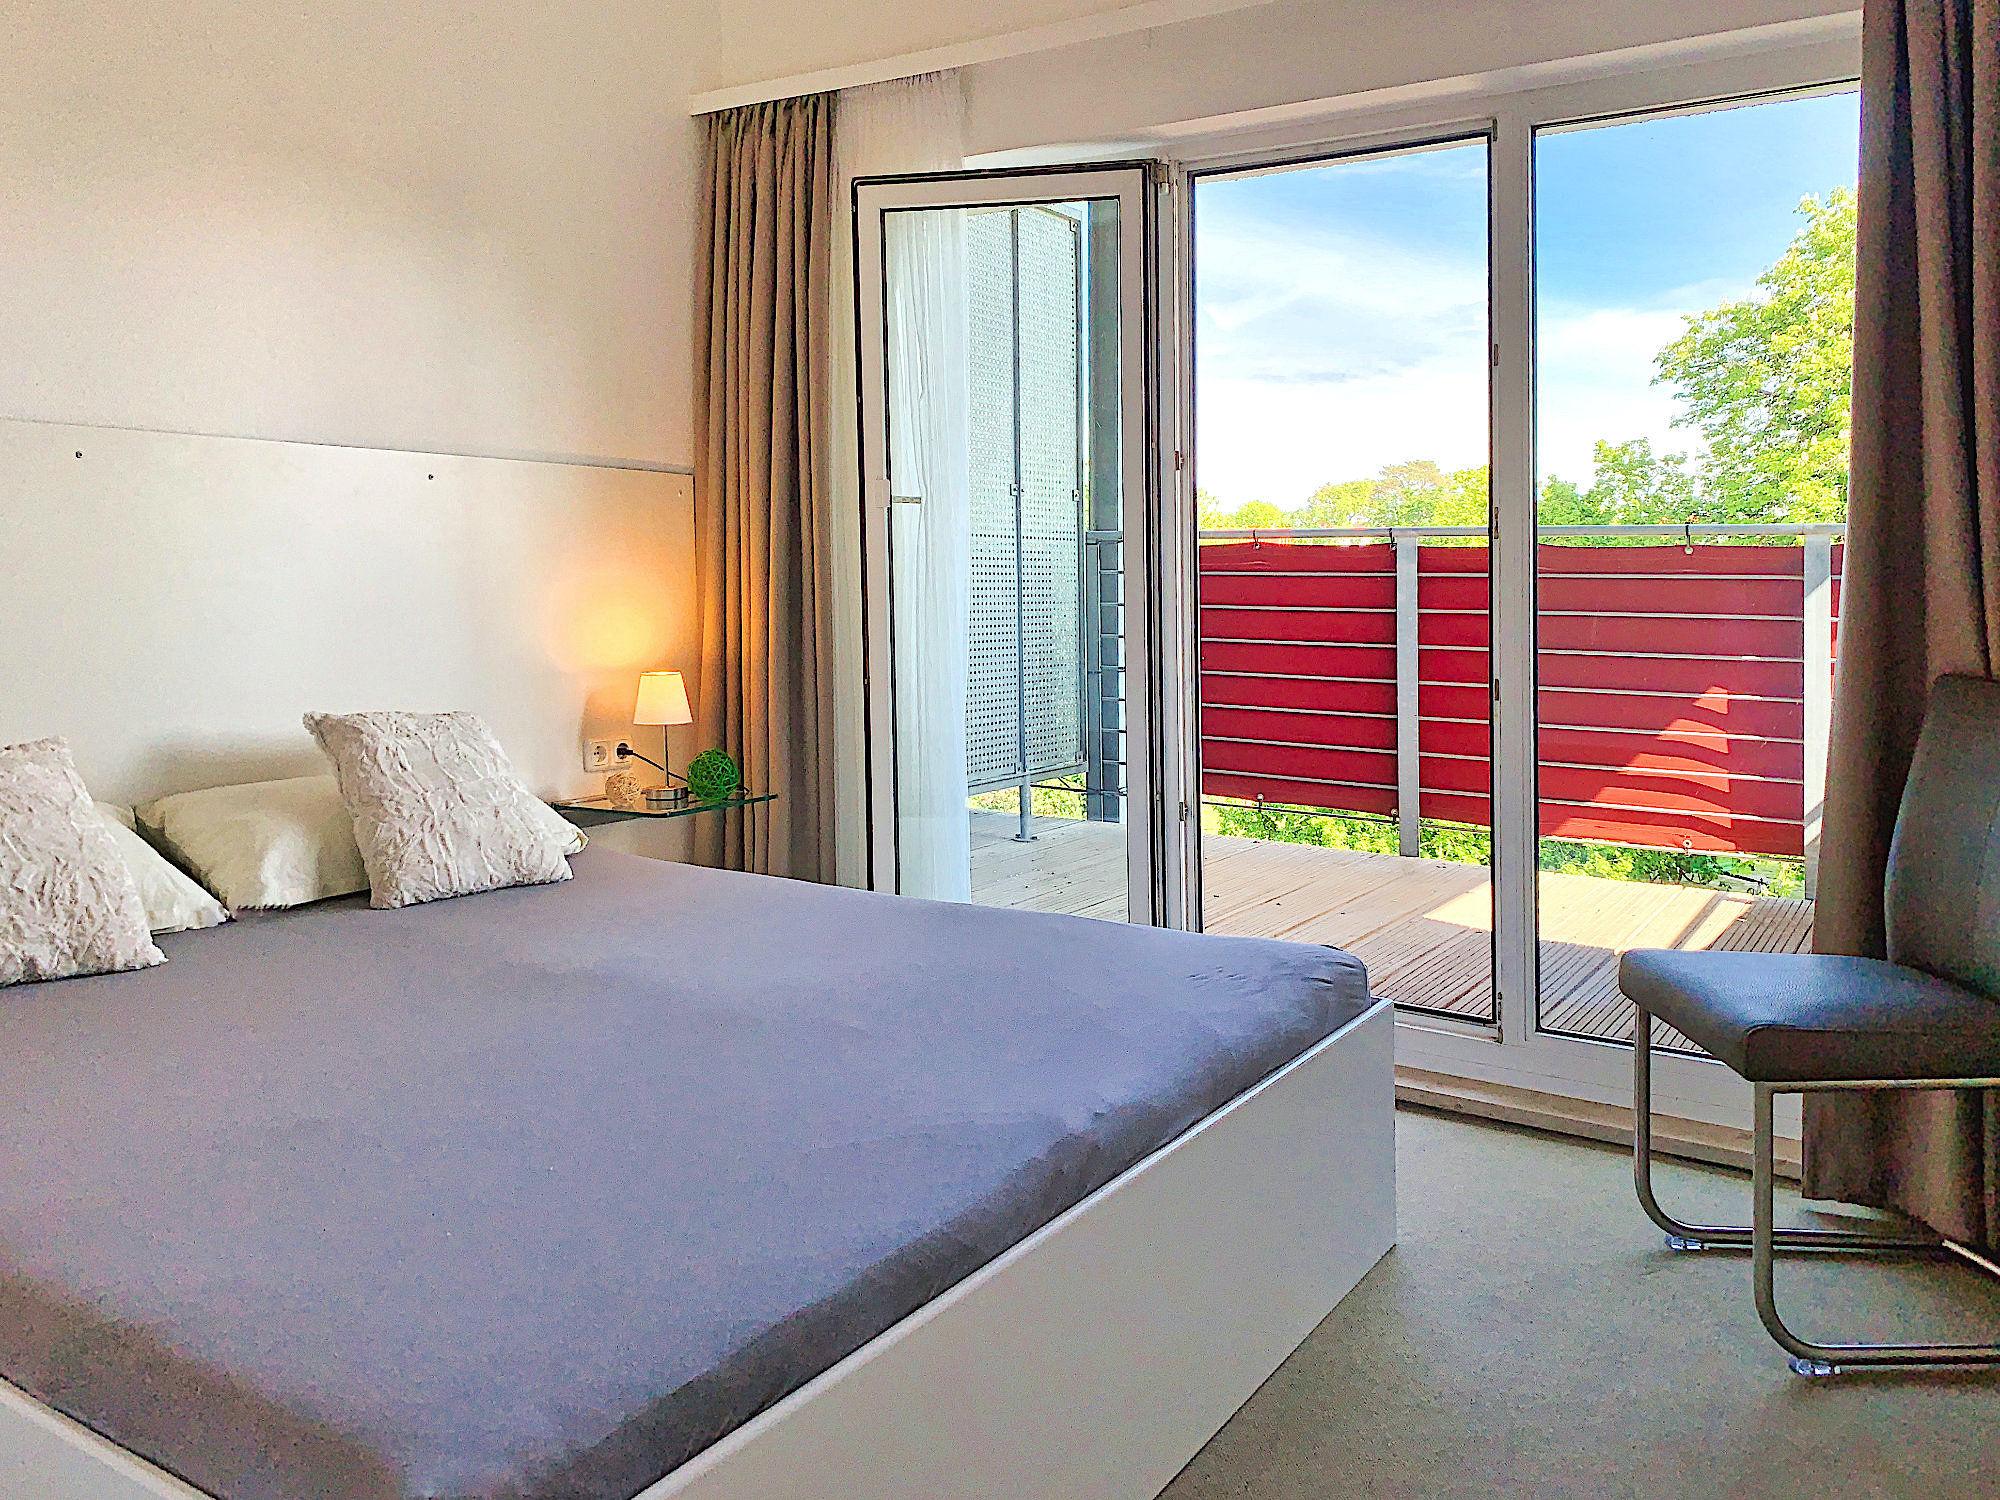 Zweites Schlafzimmer mit Doppelbett, rechts davon bodentiefe Fenster und Zugang zum Balkon